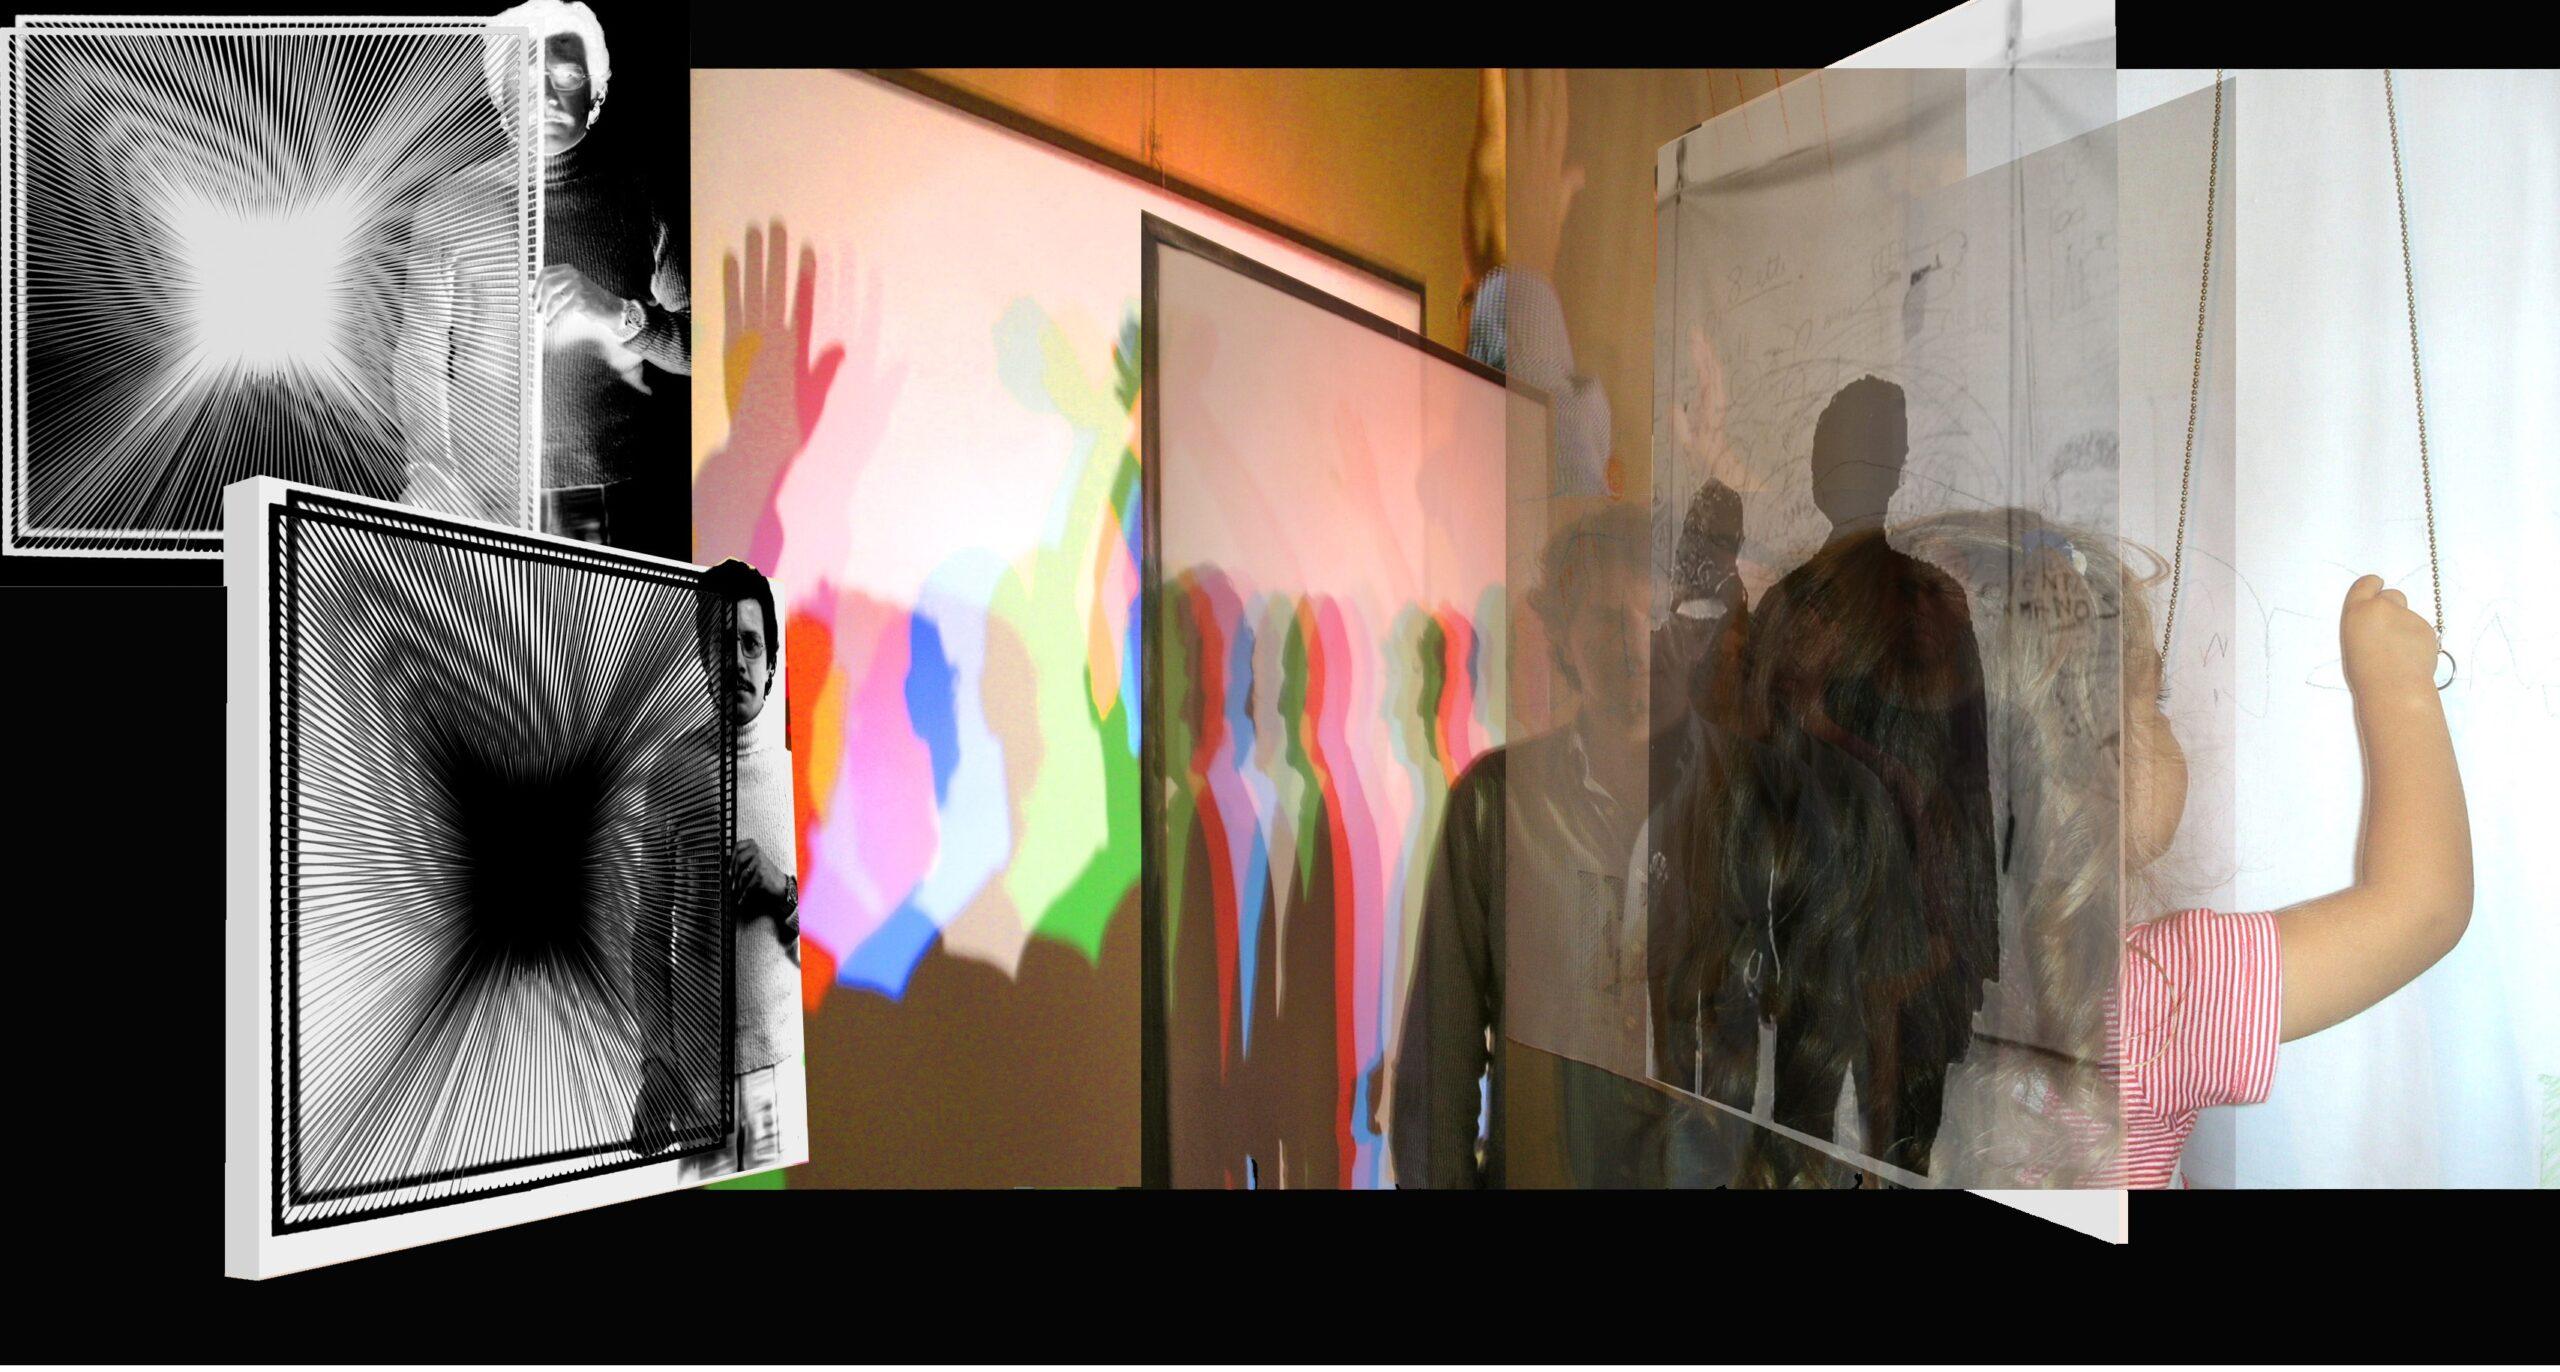 """Uno spazio per """"essere"""". Tu Sei, l'opera ambientale di Alberto Biasi. Il racconto dell'artista"""